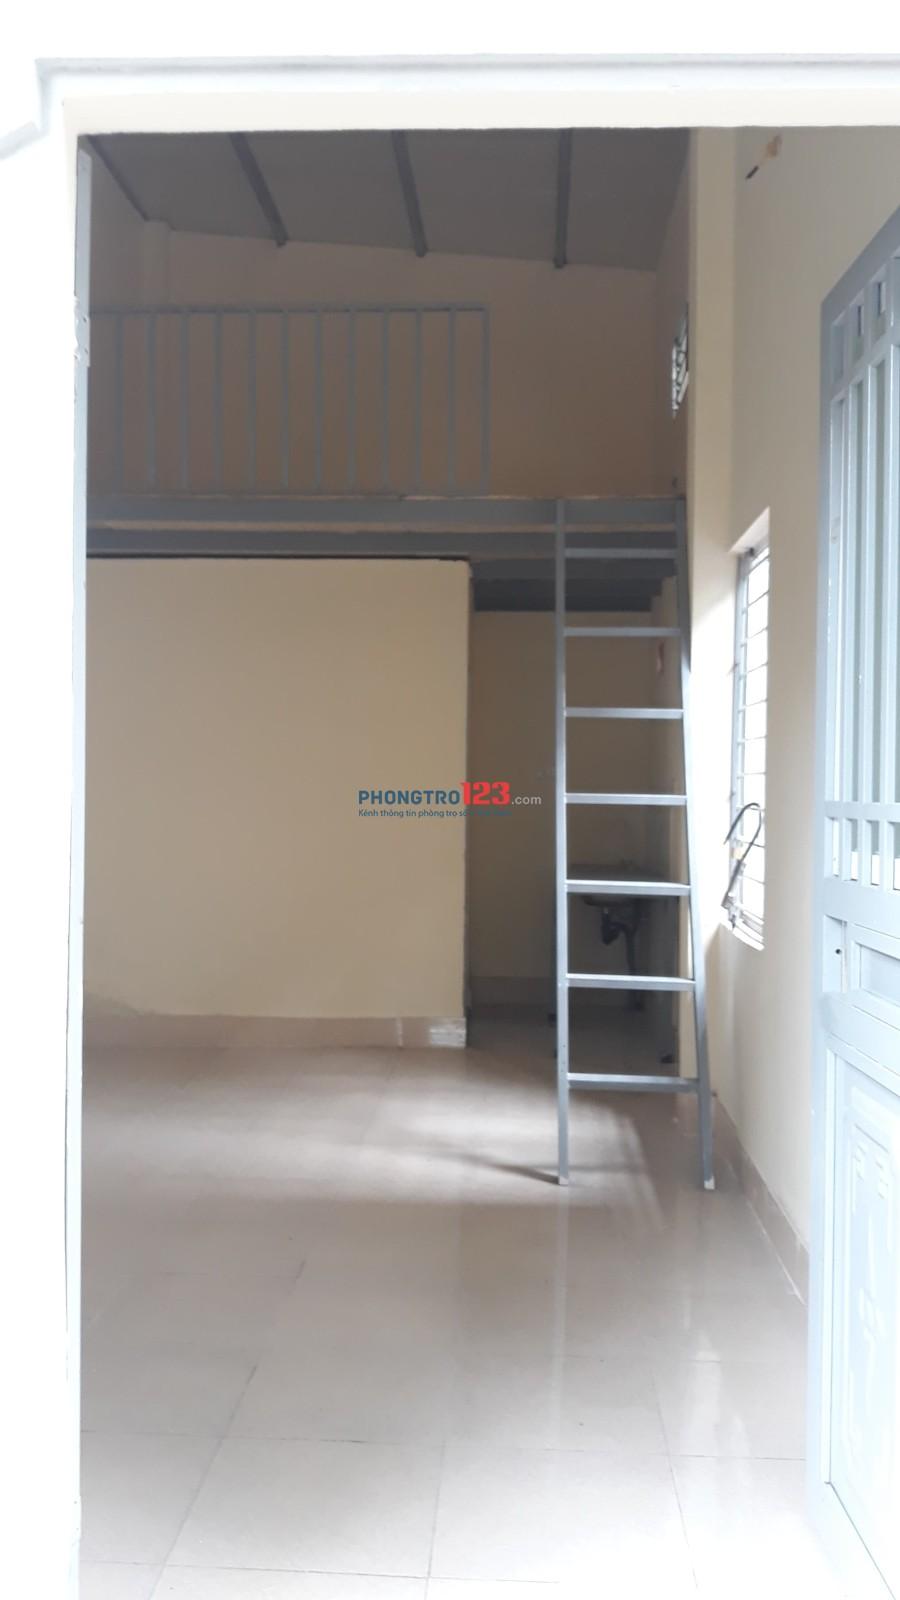 Phòng trọ khép kín + gác xép (nhà mới xây)